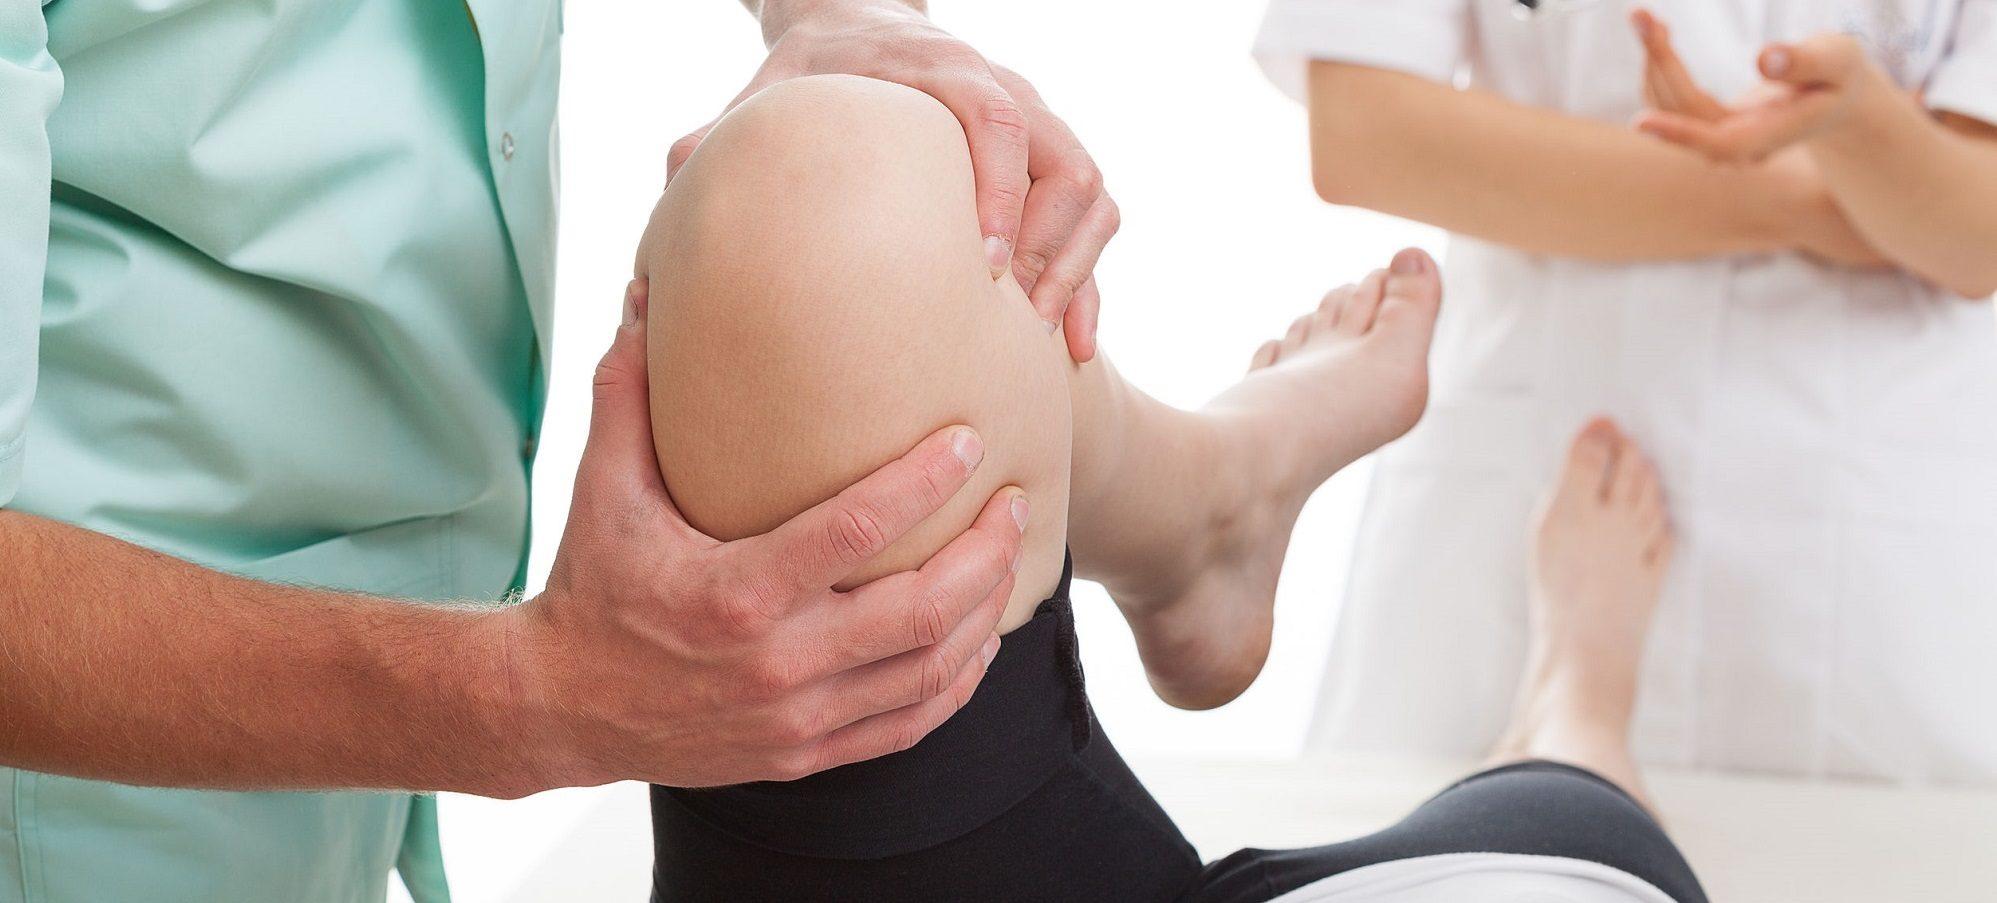 Células Medicinales de Señalización Humana, Longevidad, Fisioterapia, Medicina Estética, Osteopatía - Celulas Madre, Longevidad, Fisioterapia, Medicina Estética, Osteopatía